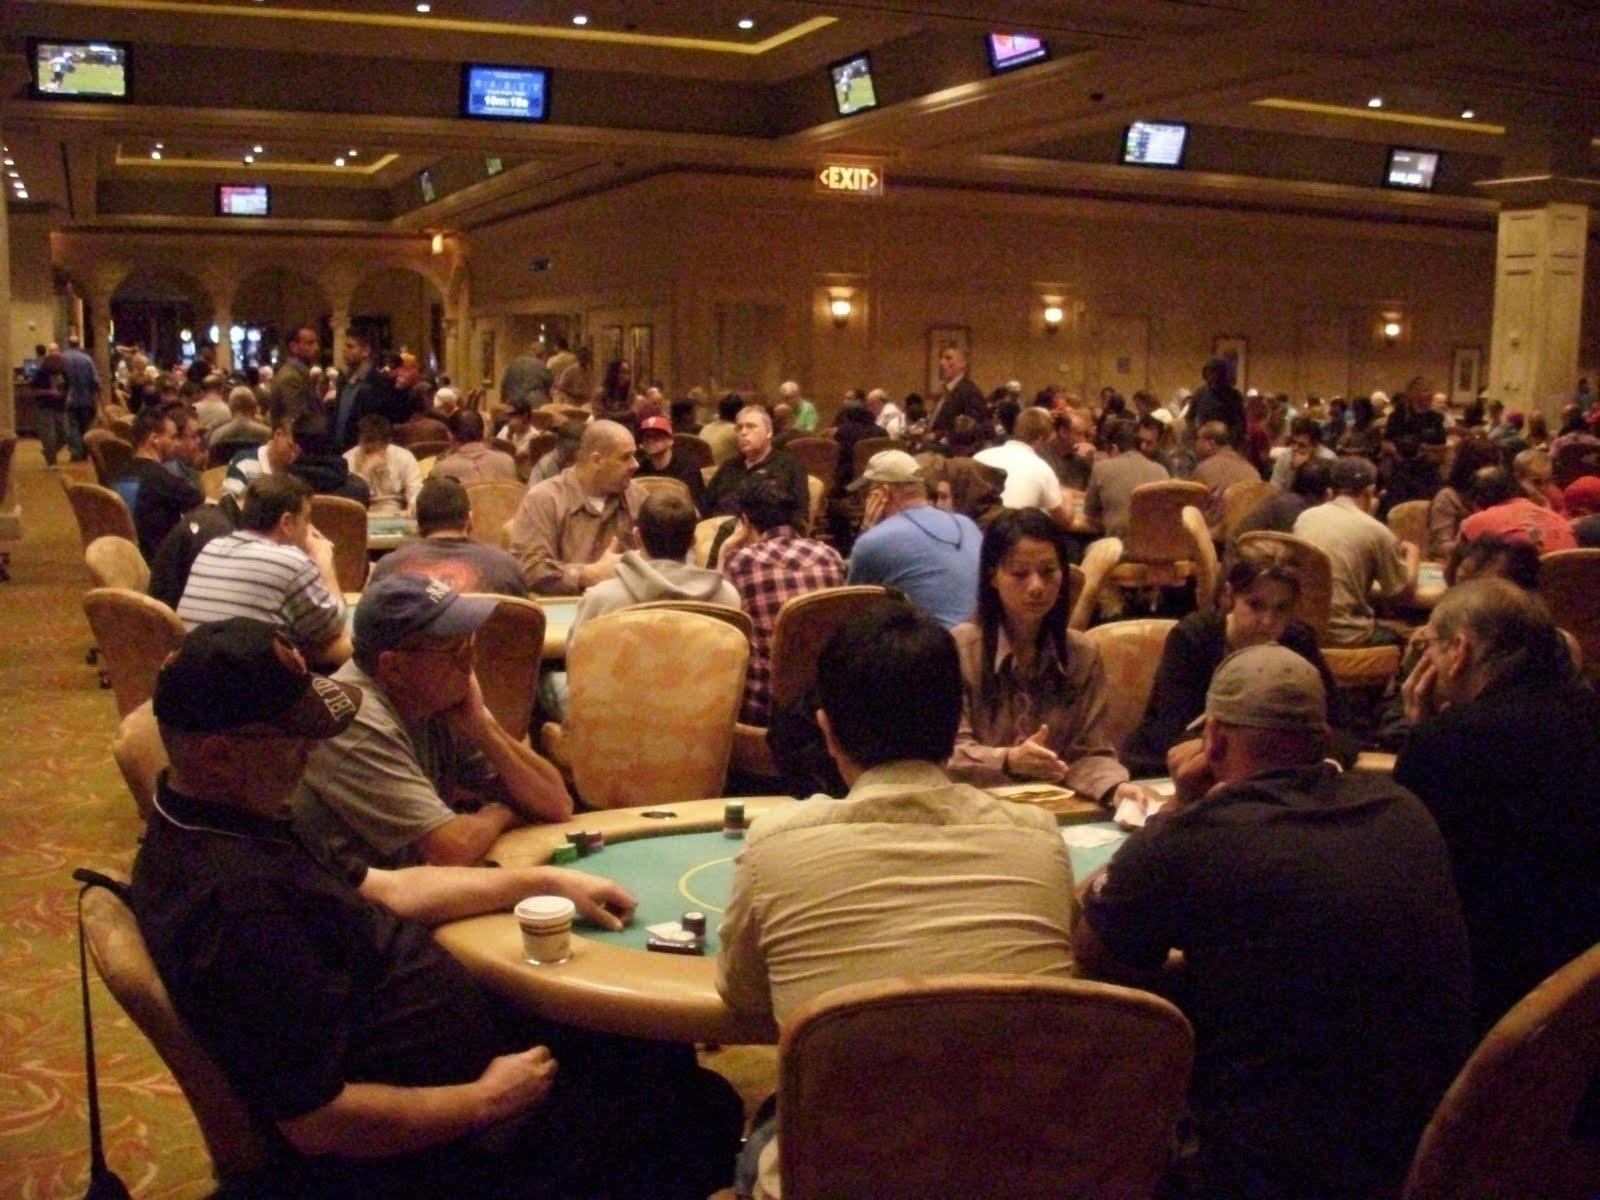 borgata video poker